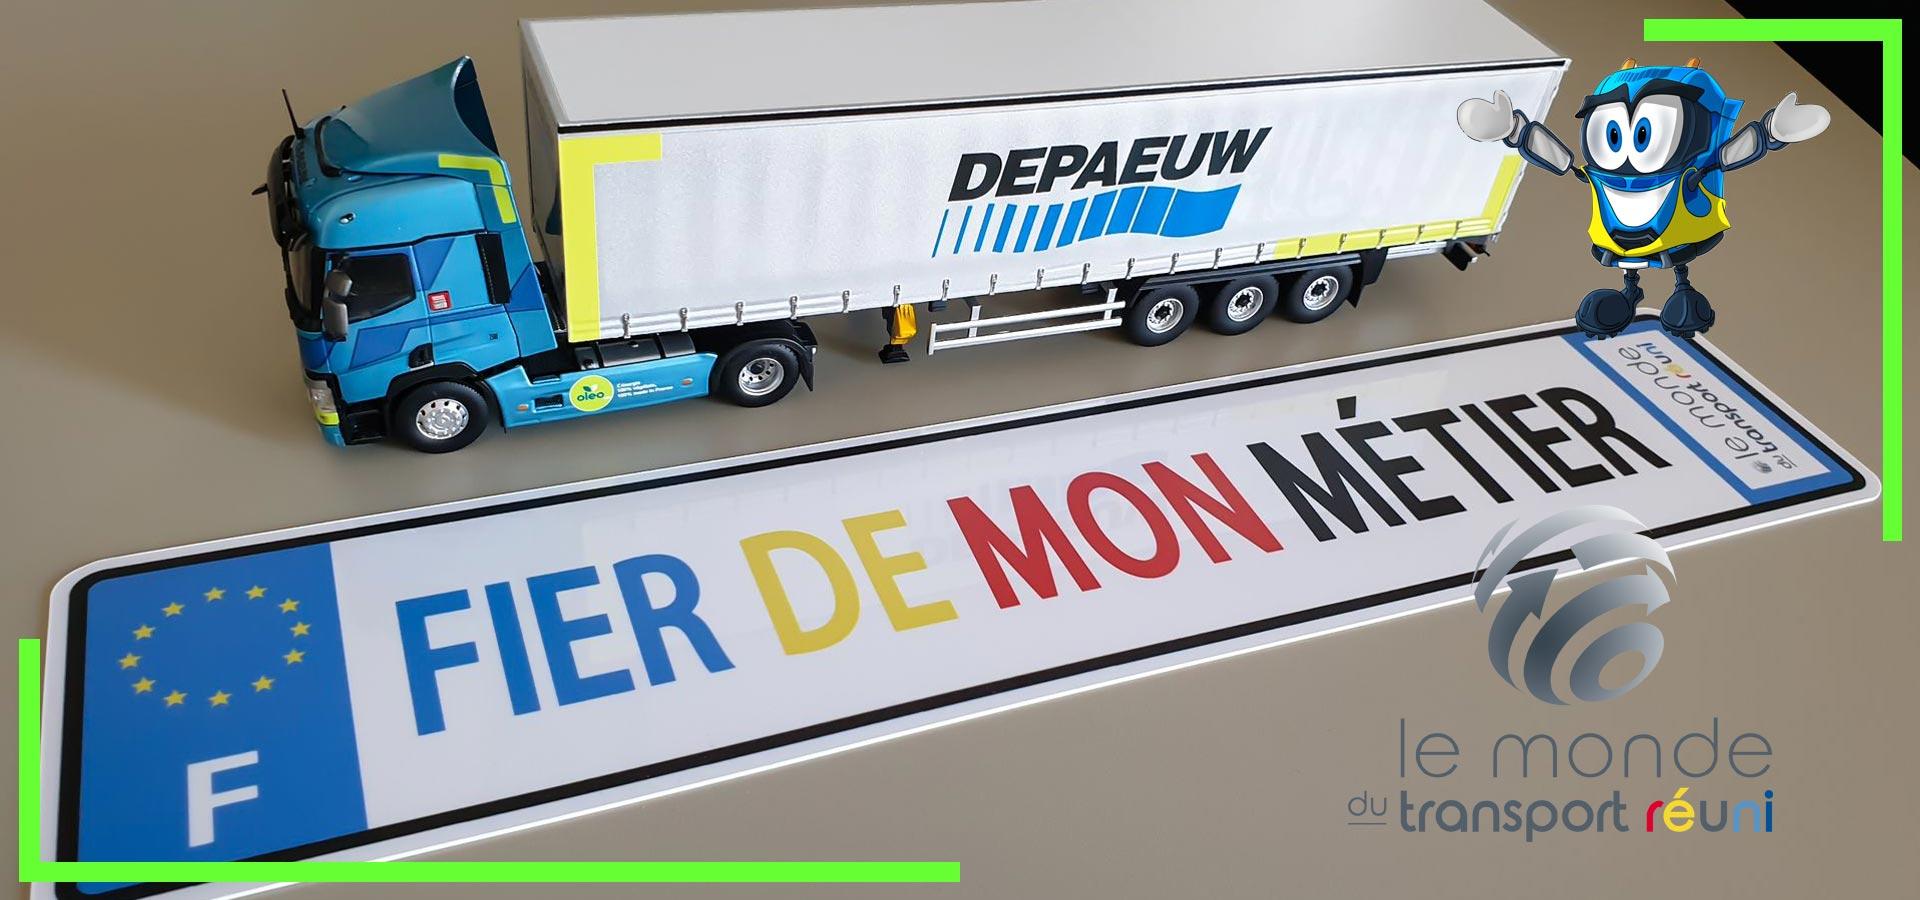 Le monde du Transport Réuni - Fier de mon métier !